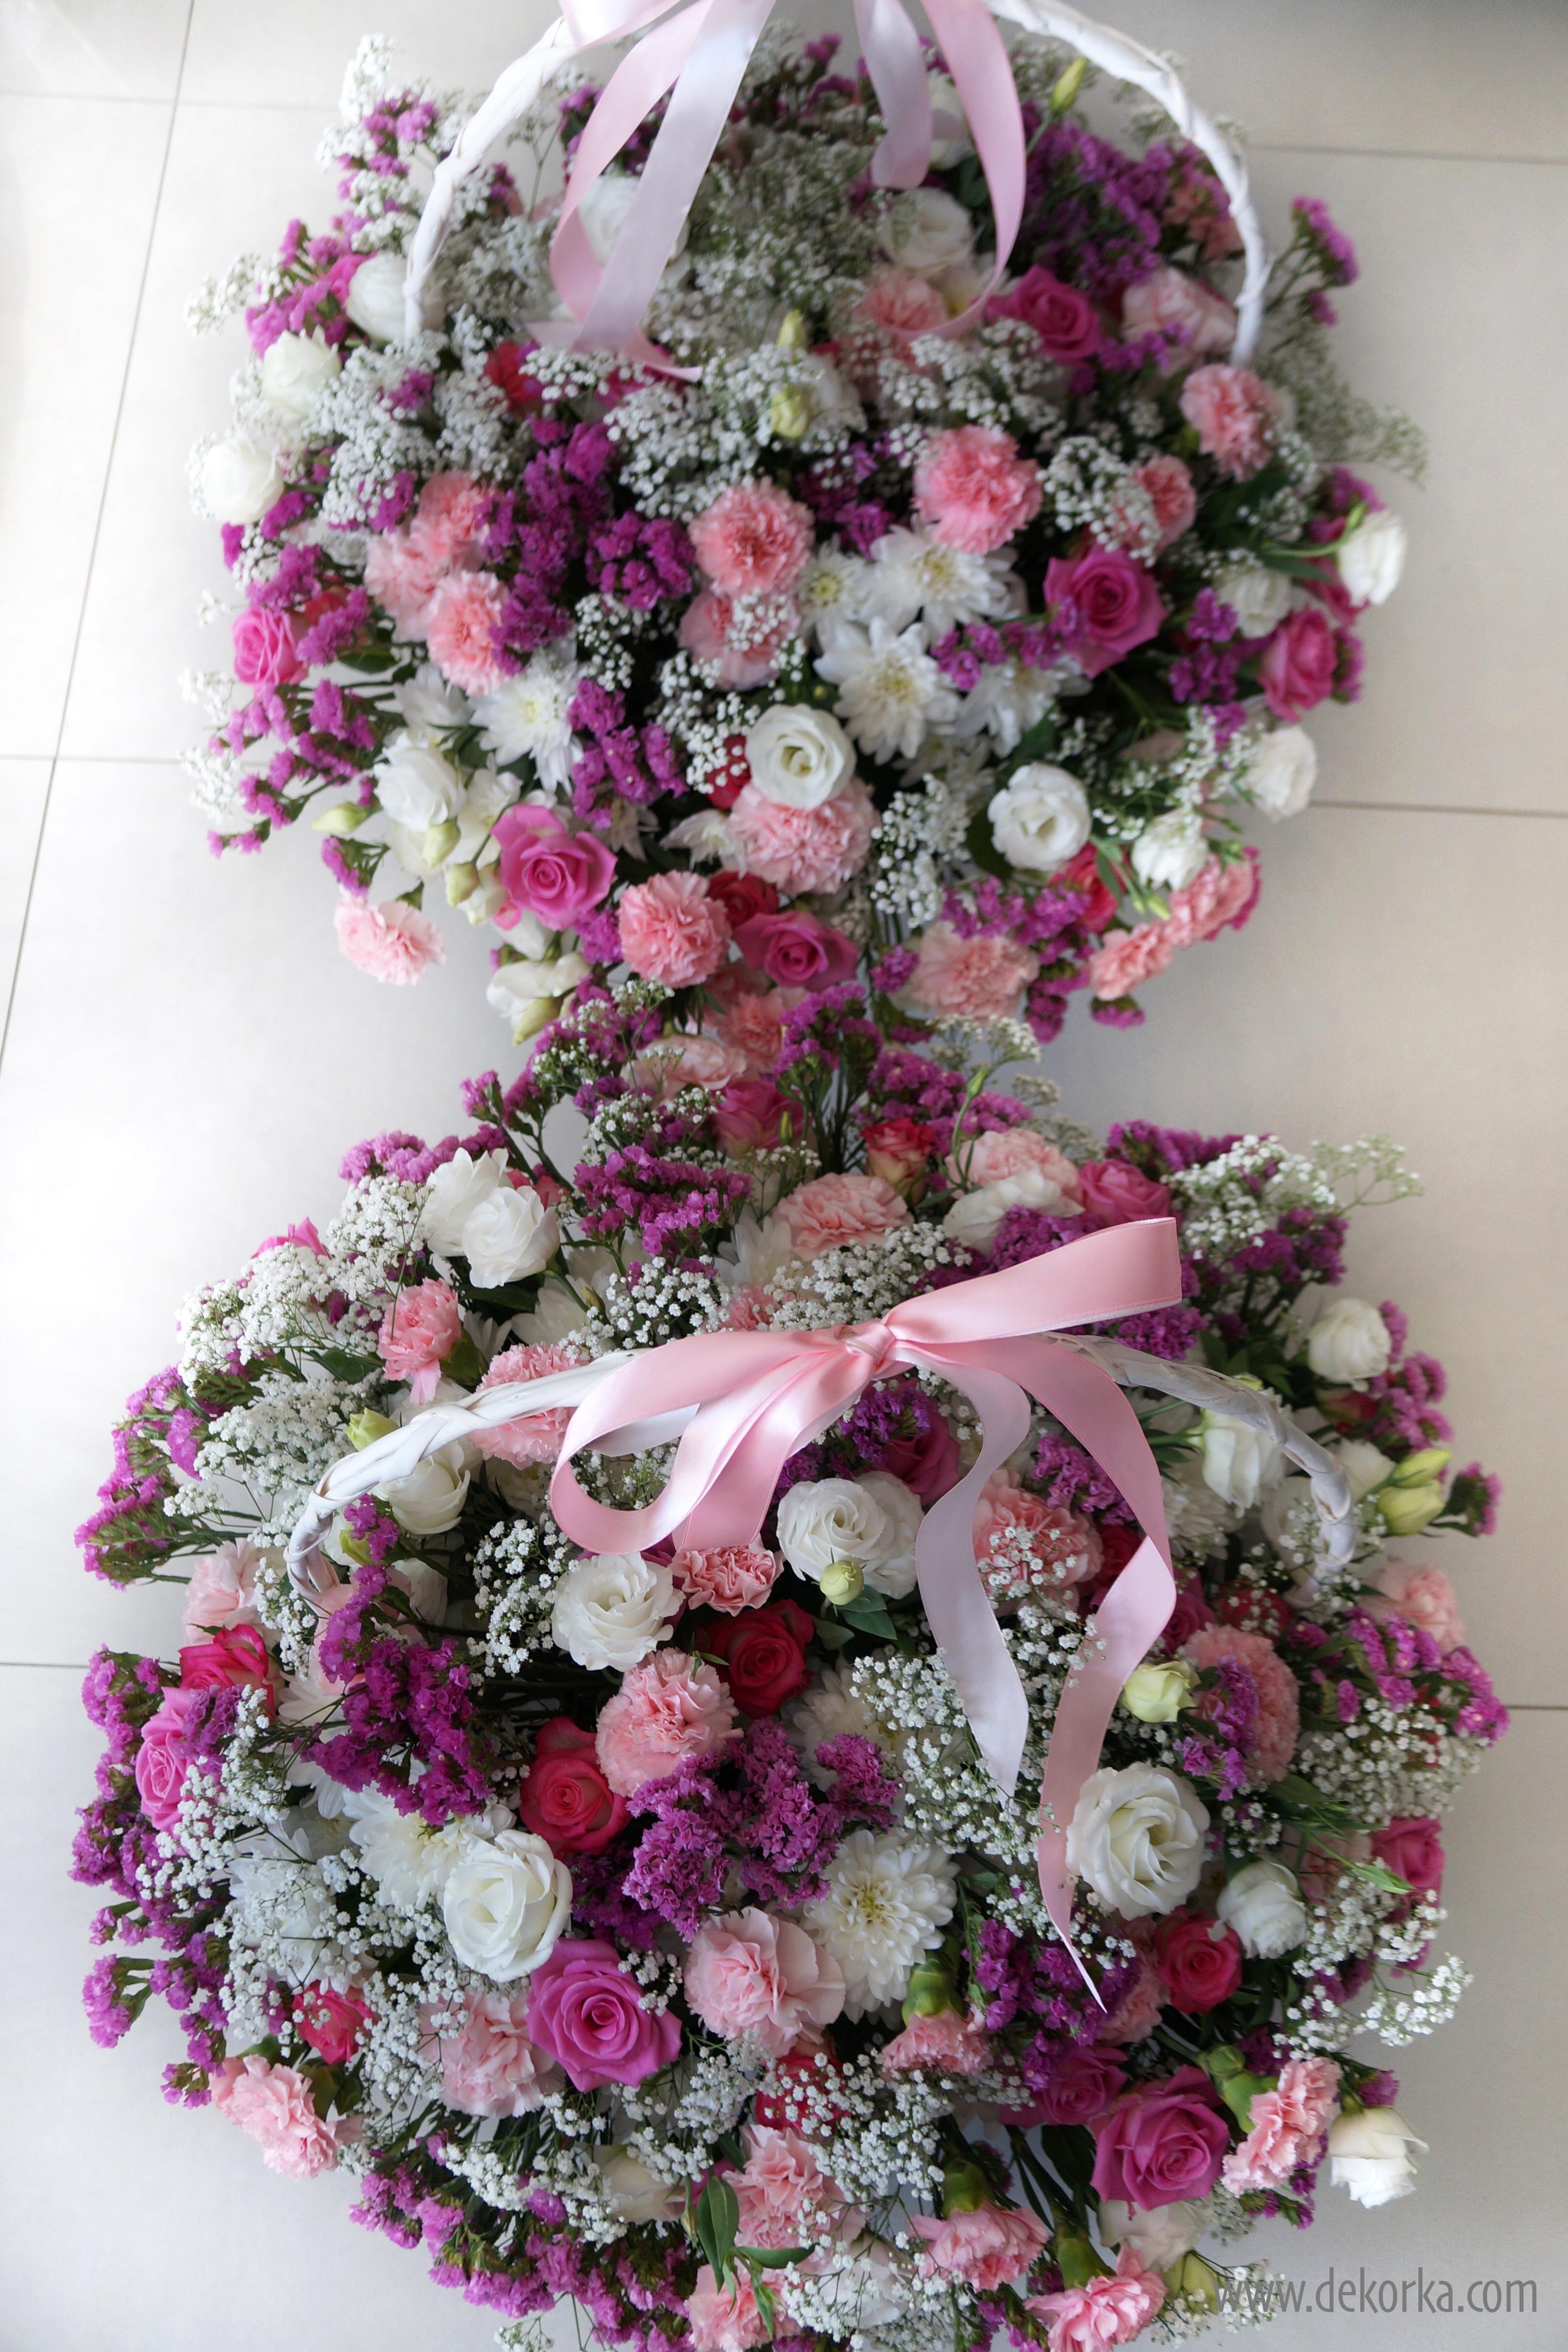 kosze dla rodziców dekorka.com katowice prezent dla rodziców